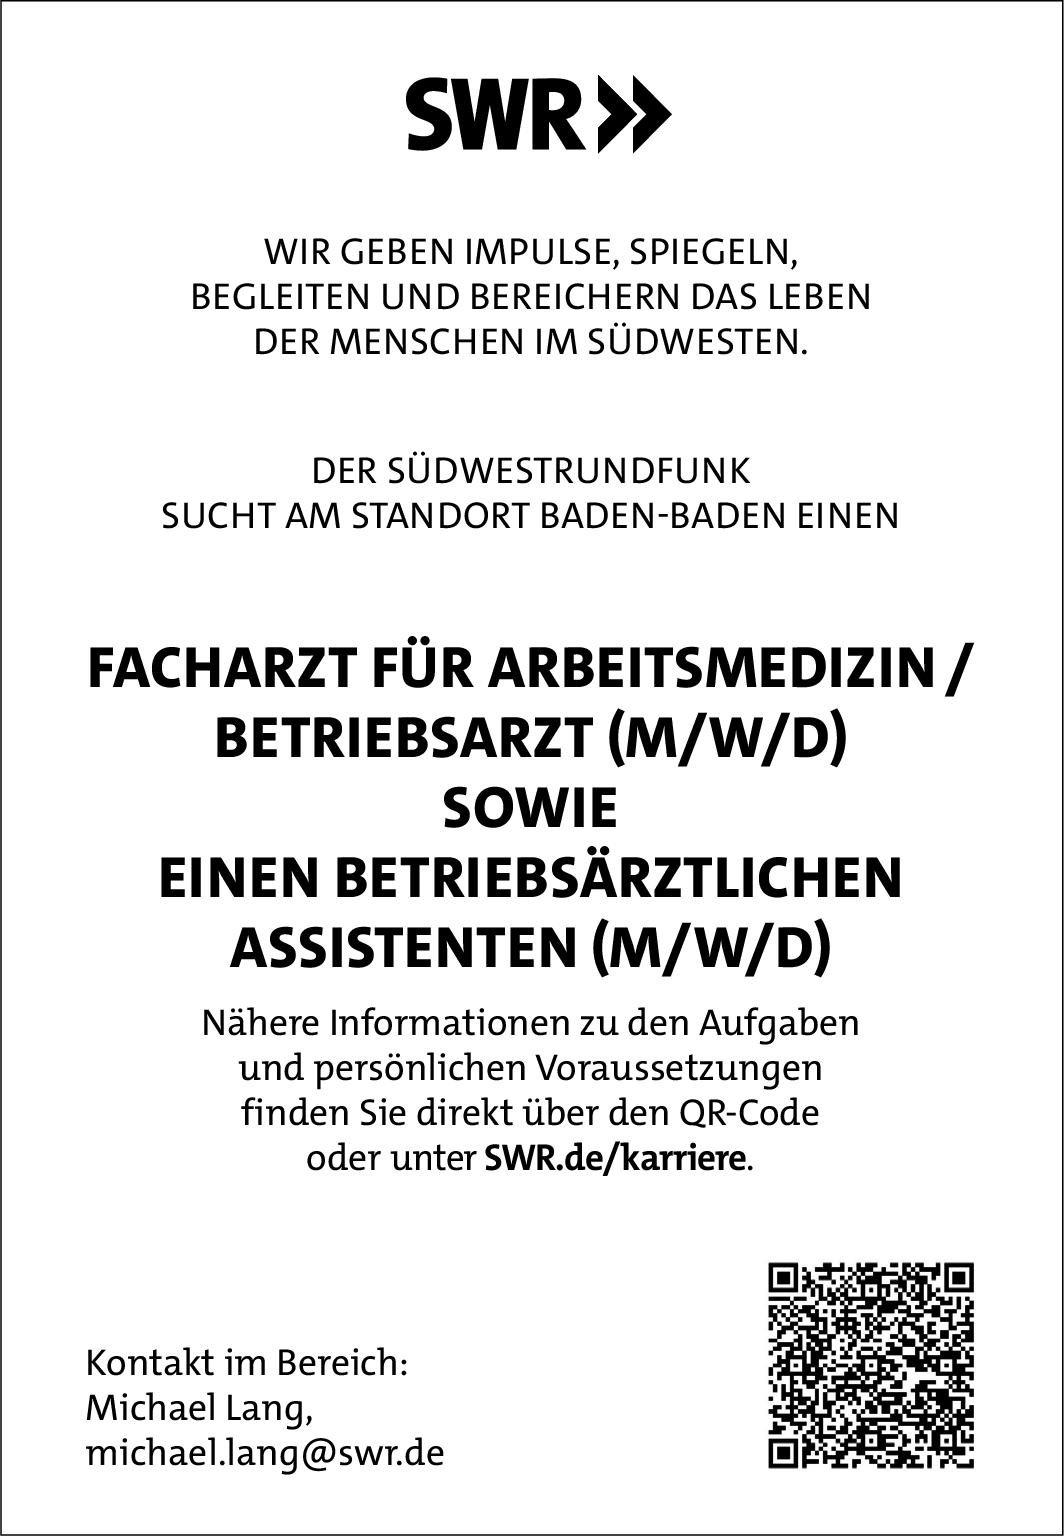 SWR Baden-Baden Facharzt für Arbeitsmedizin/Betriebsarzt (m/w/d) Arbeitsmedizin Arzt / Facharzt, Betriebsarzt